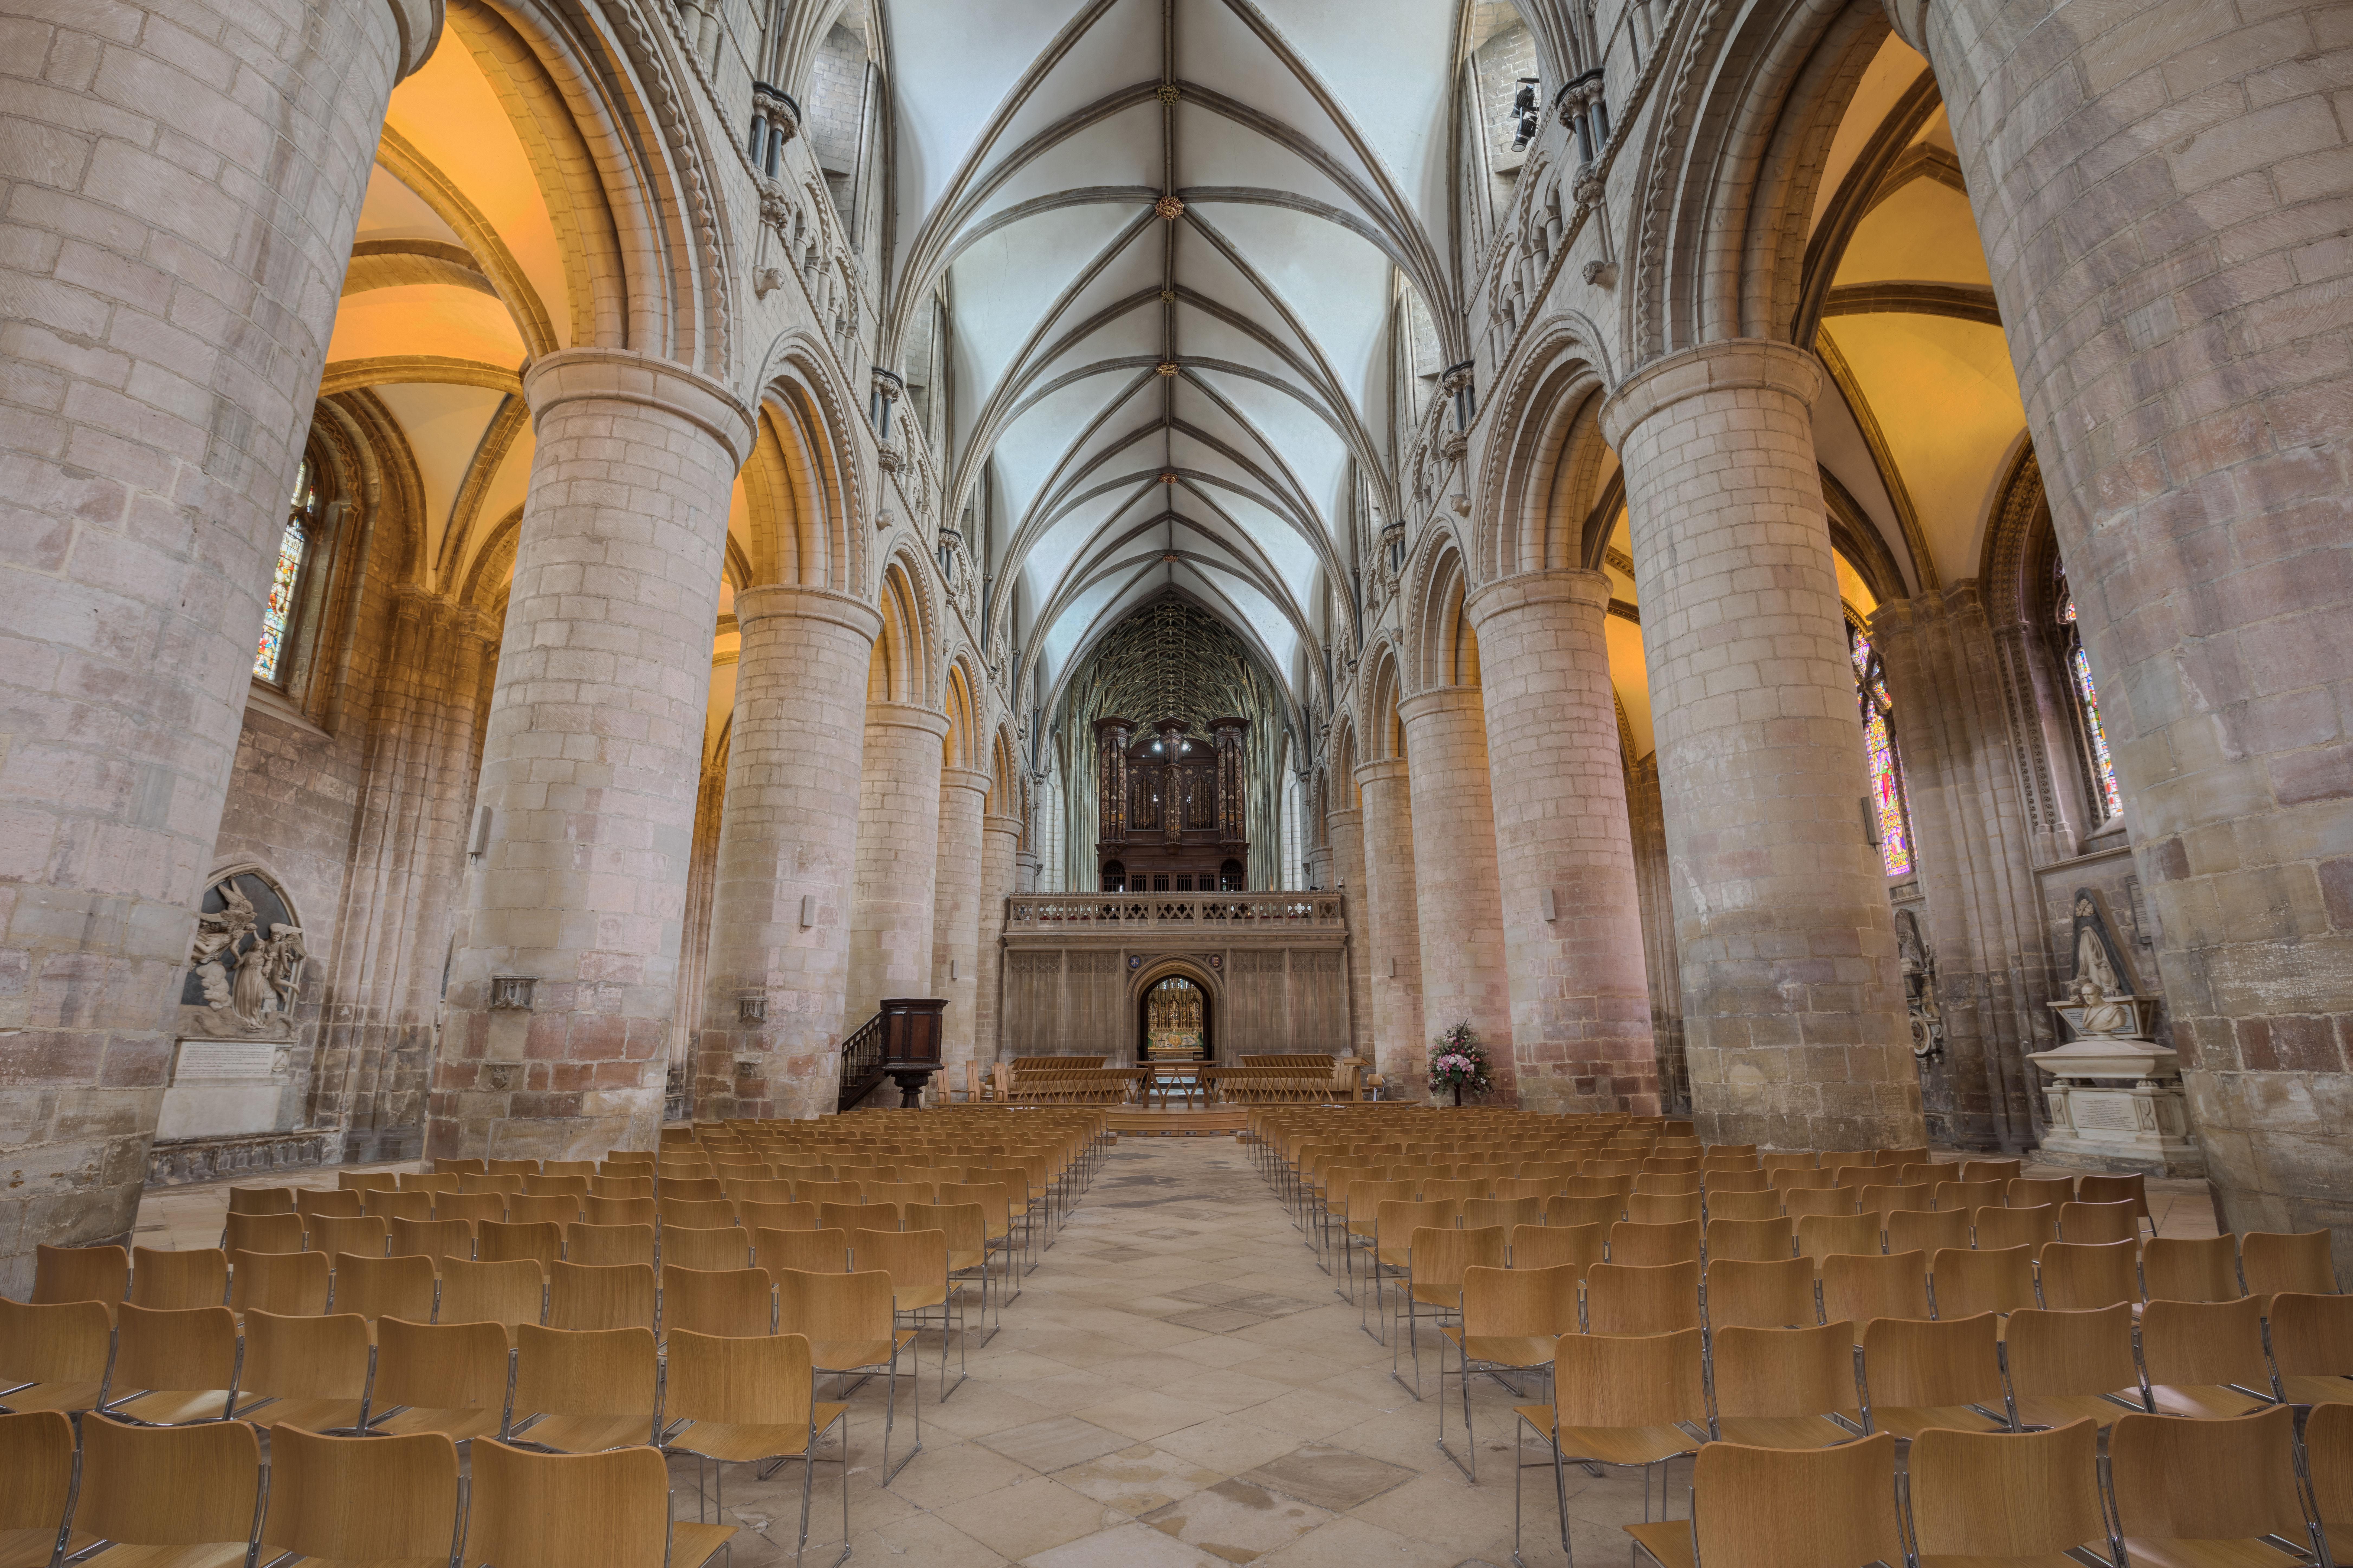 無料画像 インテリア 建物 宮殿 古い アーチ 教会 大聖堂 チャペル 歴史的な 礼拝の場